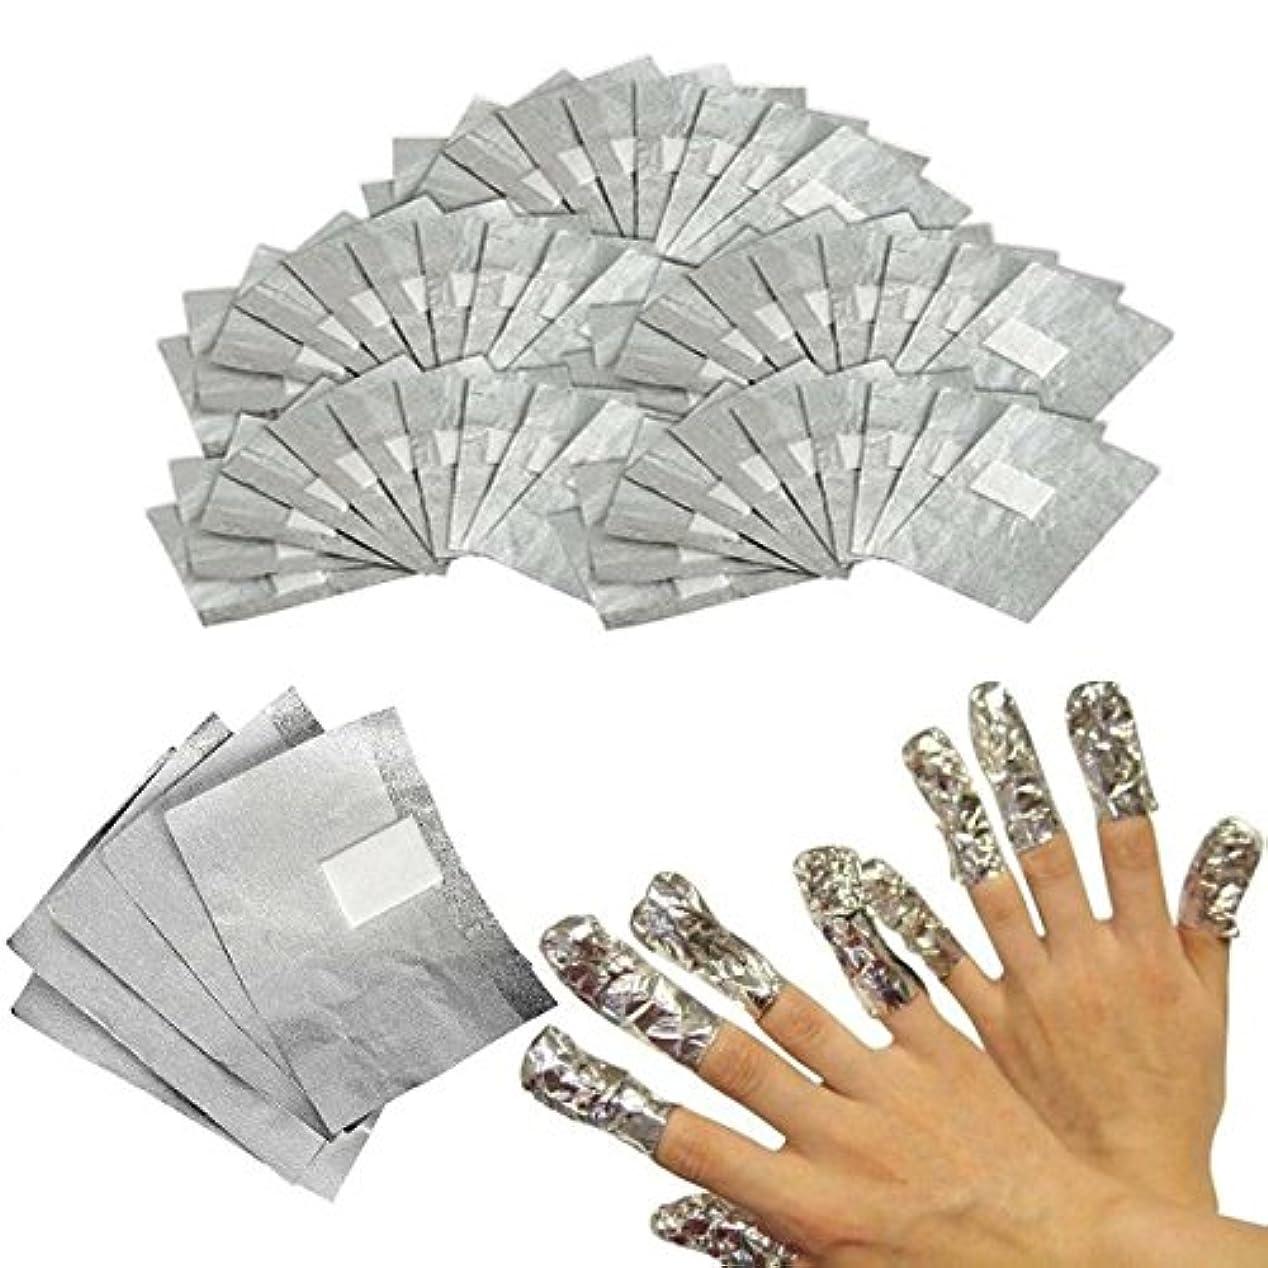 必要ない描く不機嫌Elitlife 200枚セット アクリルUVジェル ネイルポリッシュをきれいにオフ コットン付きアルミホイル 素敵な在宅ゲル爪マニキュア用品